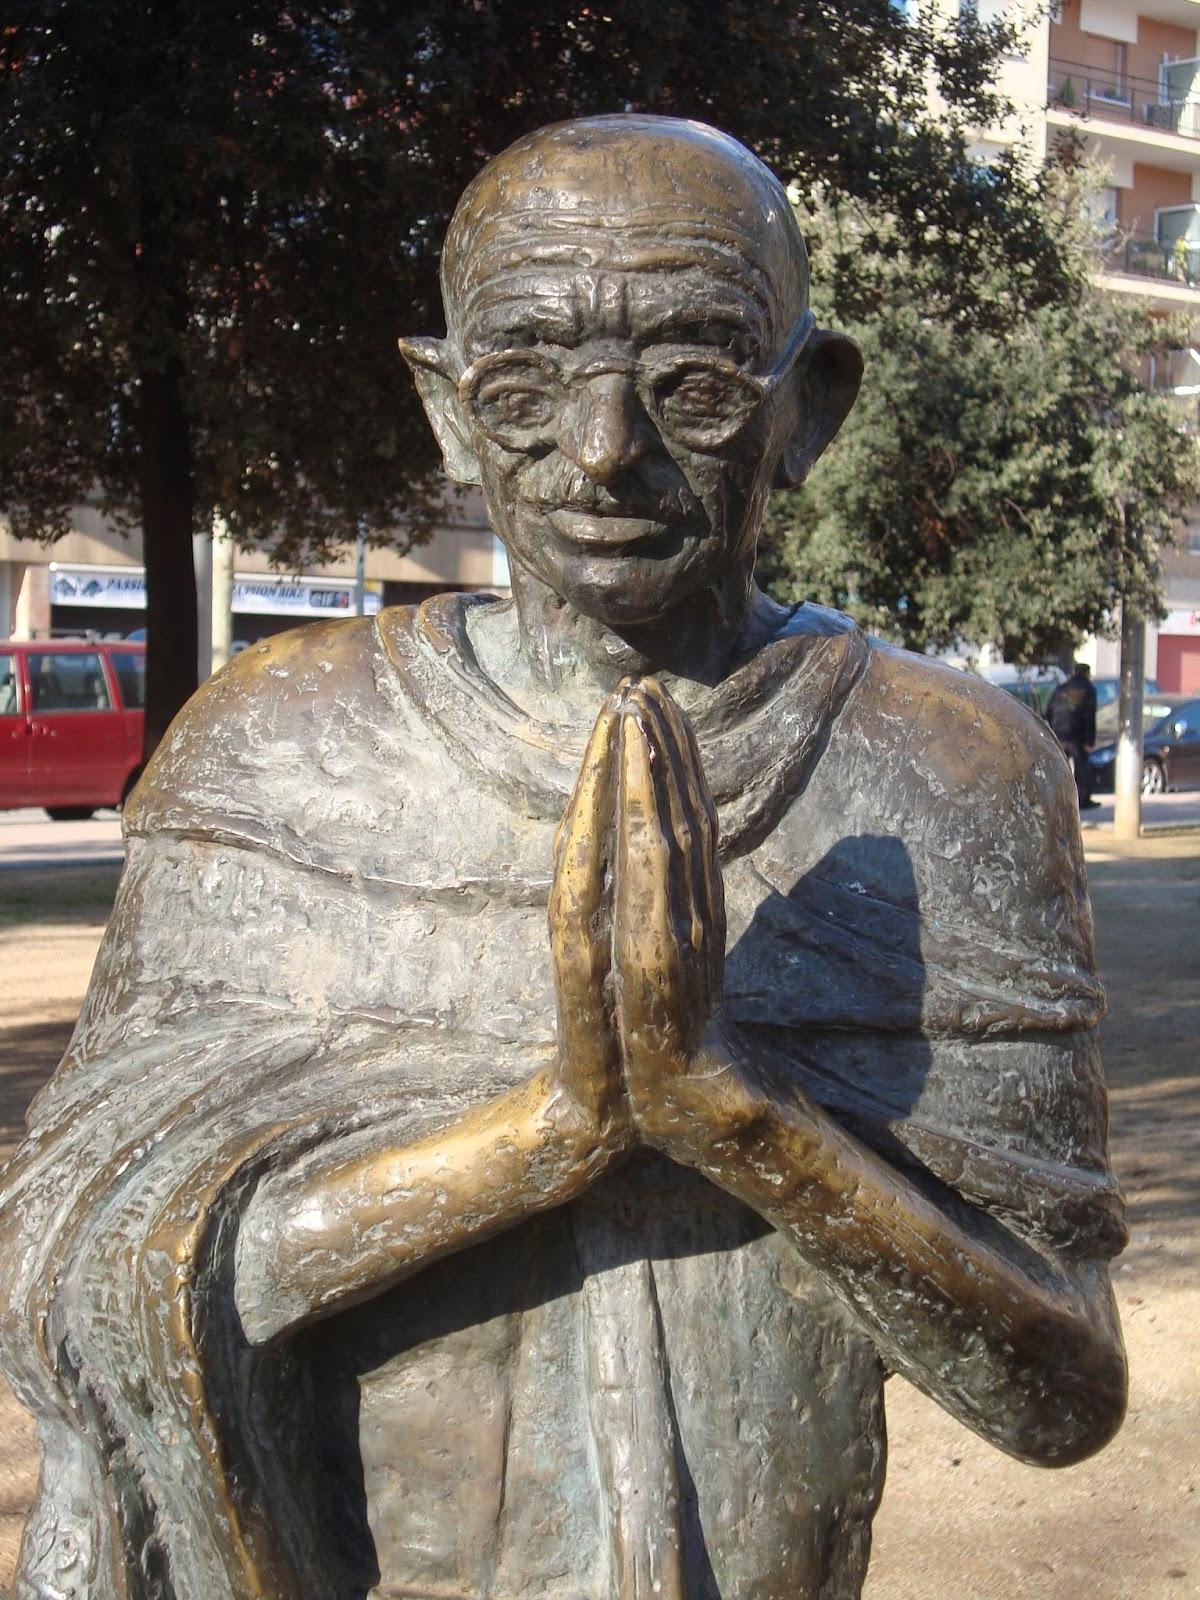 la escultura de gandhi fue una donacin de la ong barcelonesa fundacin comparte a la ciudad de barcelona el escultor fue el argentino adolfo prez